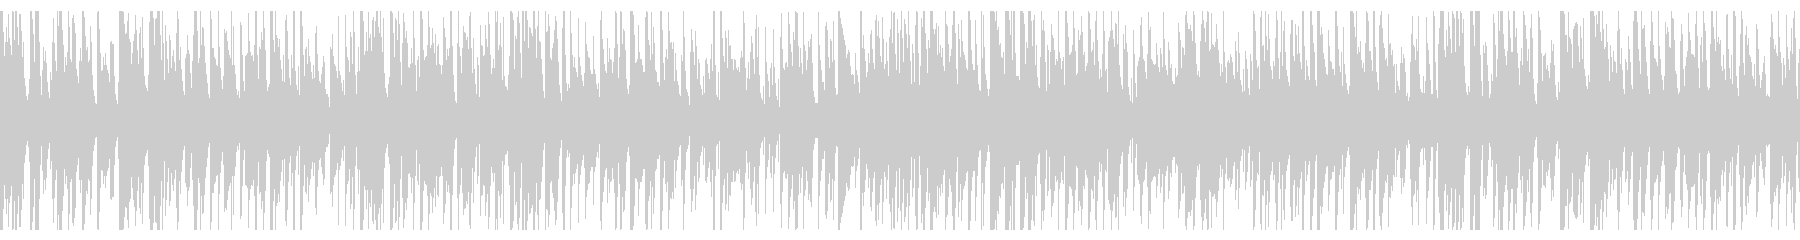 お洒落なジャズピアノトリオ19 ループの未再生の波形